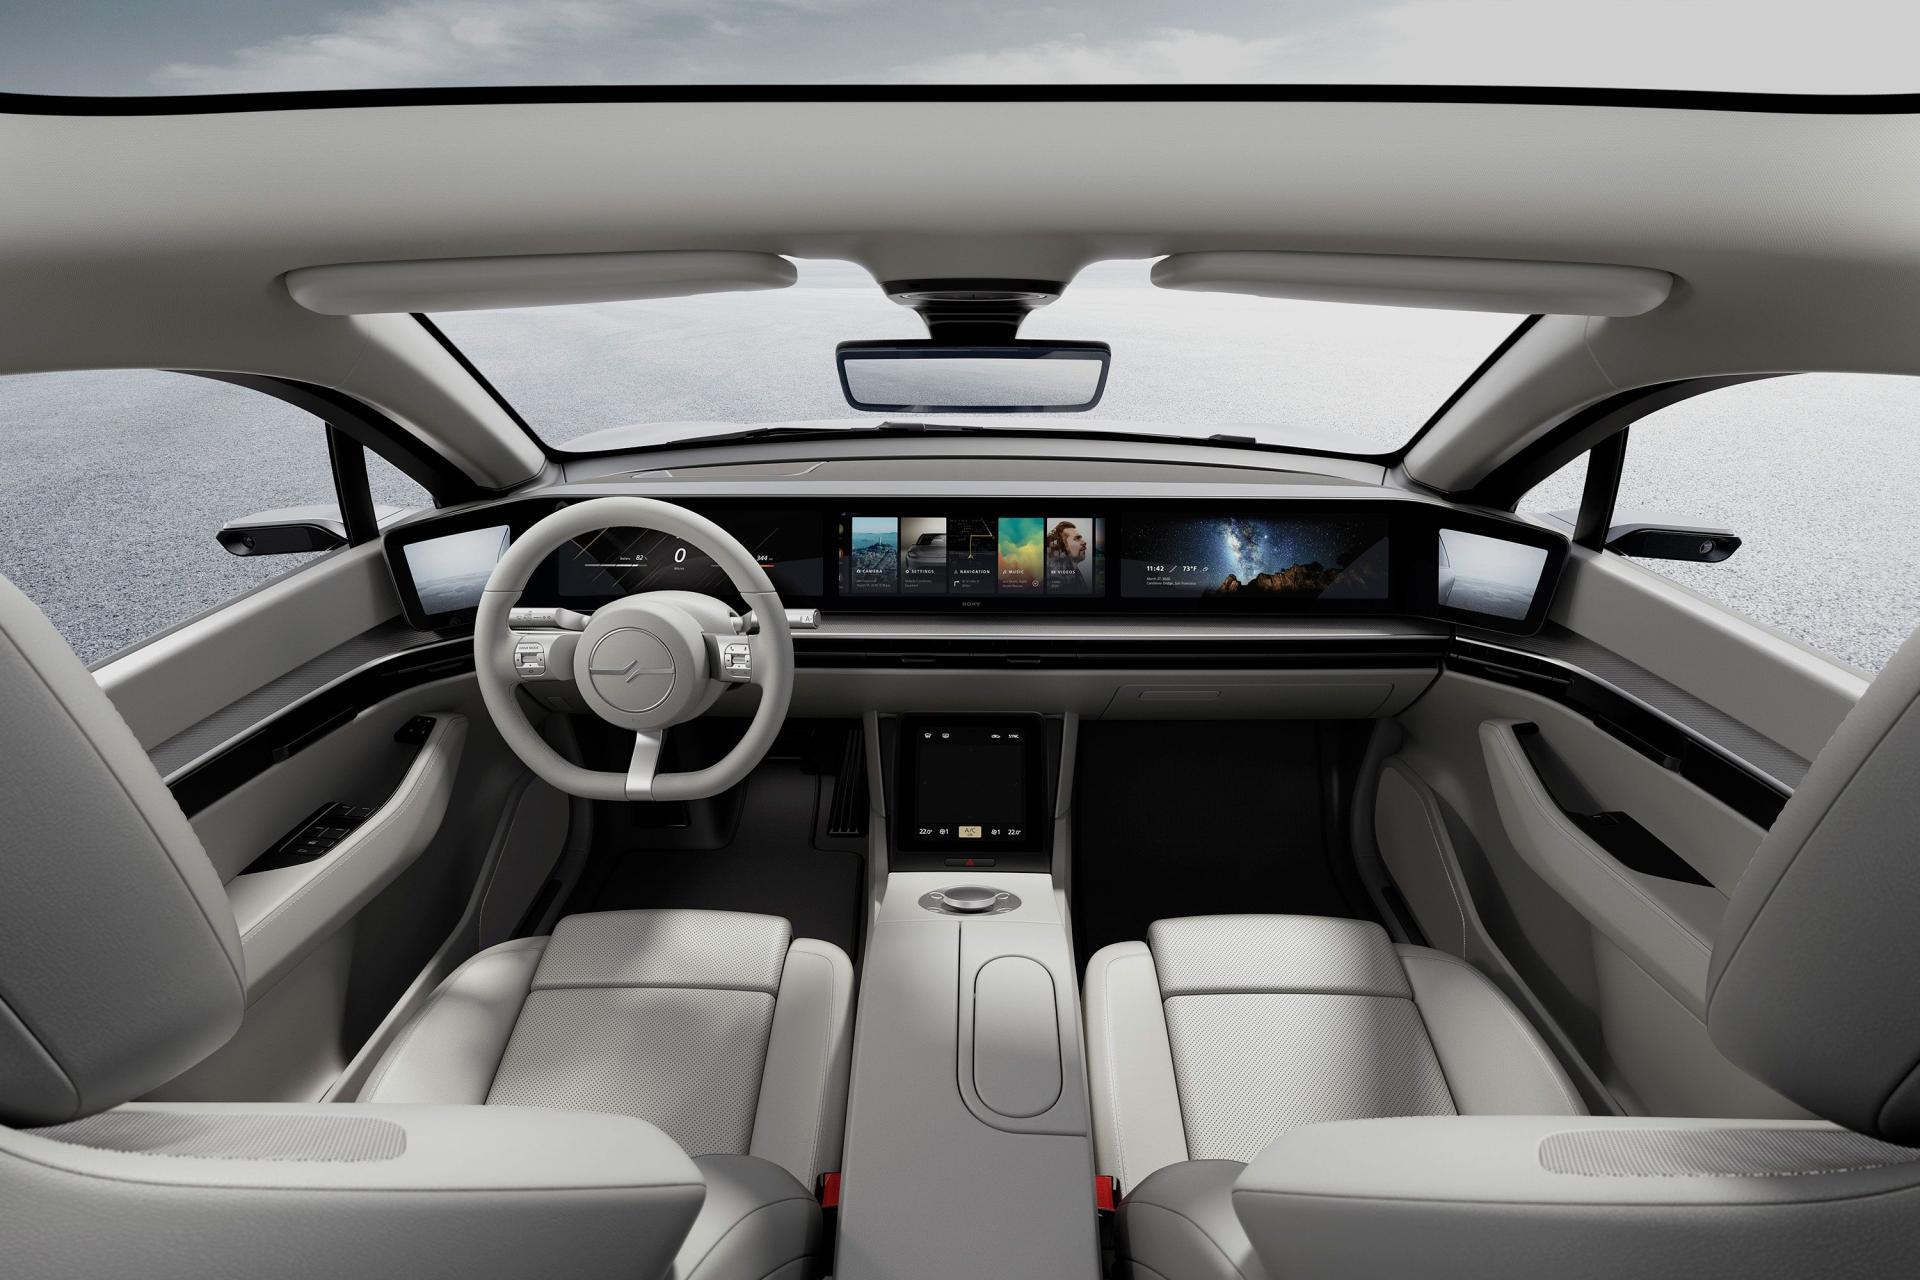 Sony bất ngờ ra mắt mẫu xe điện Vision-S tại CES 2020 - 11